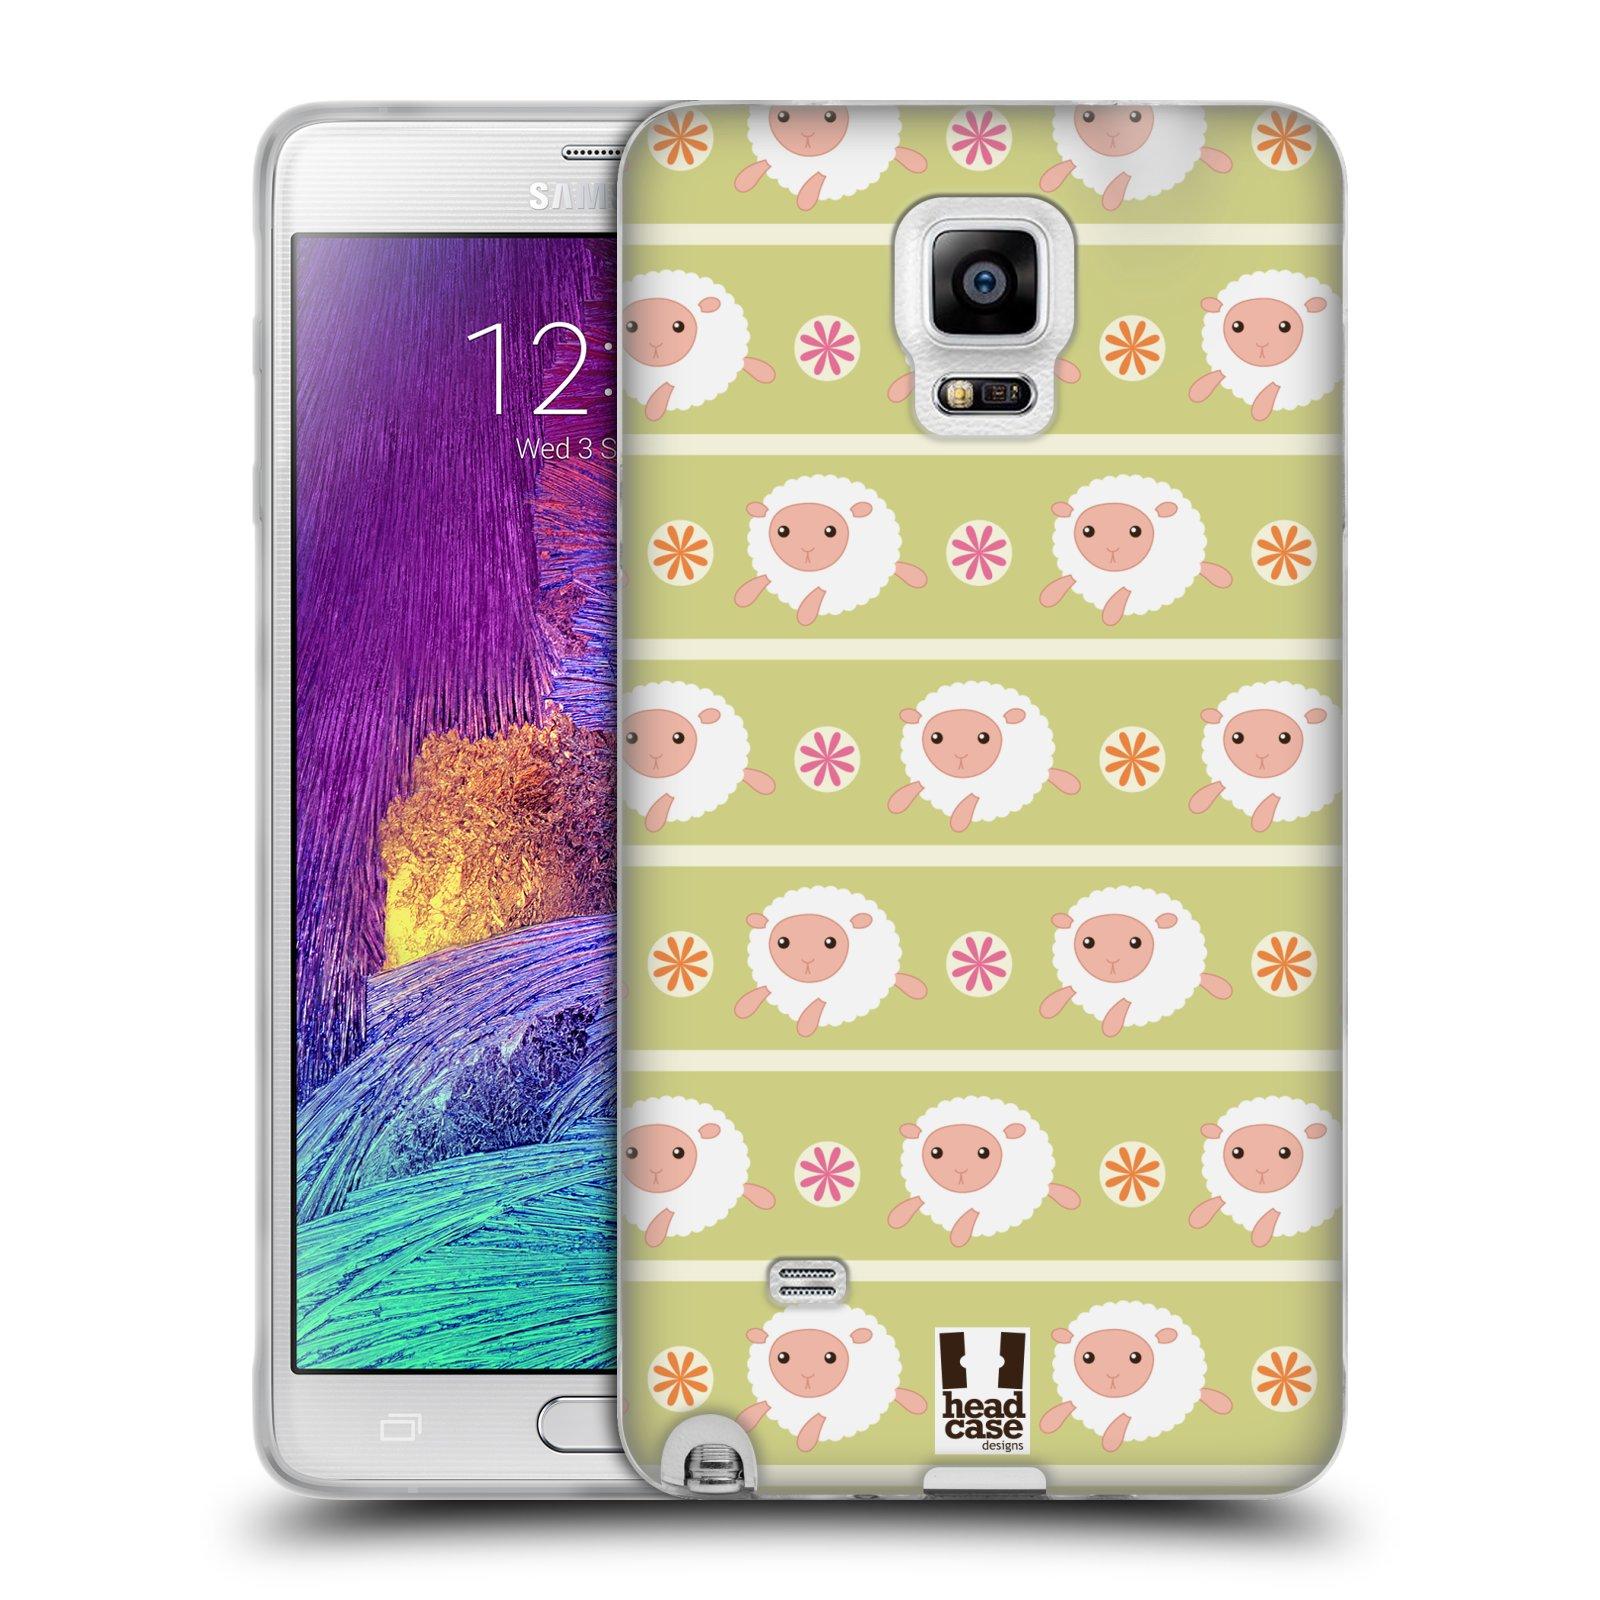 HEAD CASE silikonový obal na mobil Samsung Galaxy Note 4 (N910) vzor roztomilé zvířecí vzory ovečky